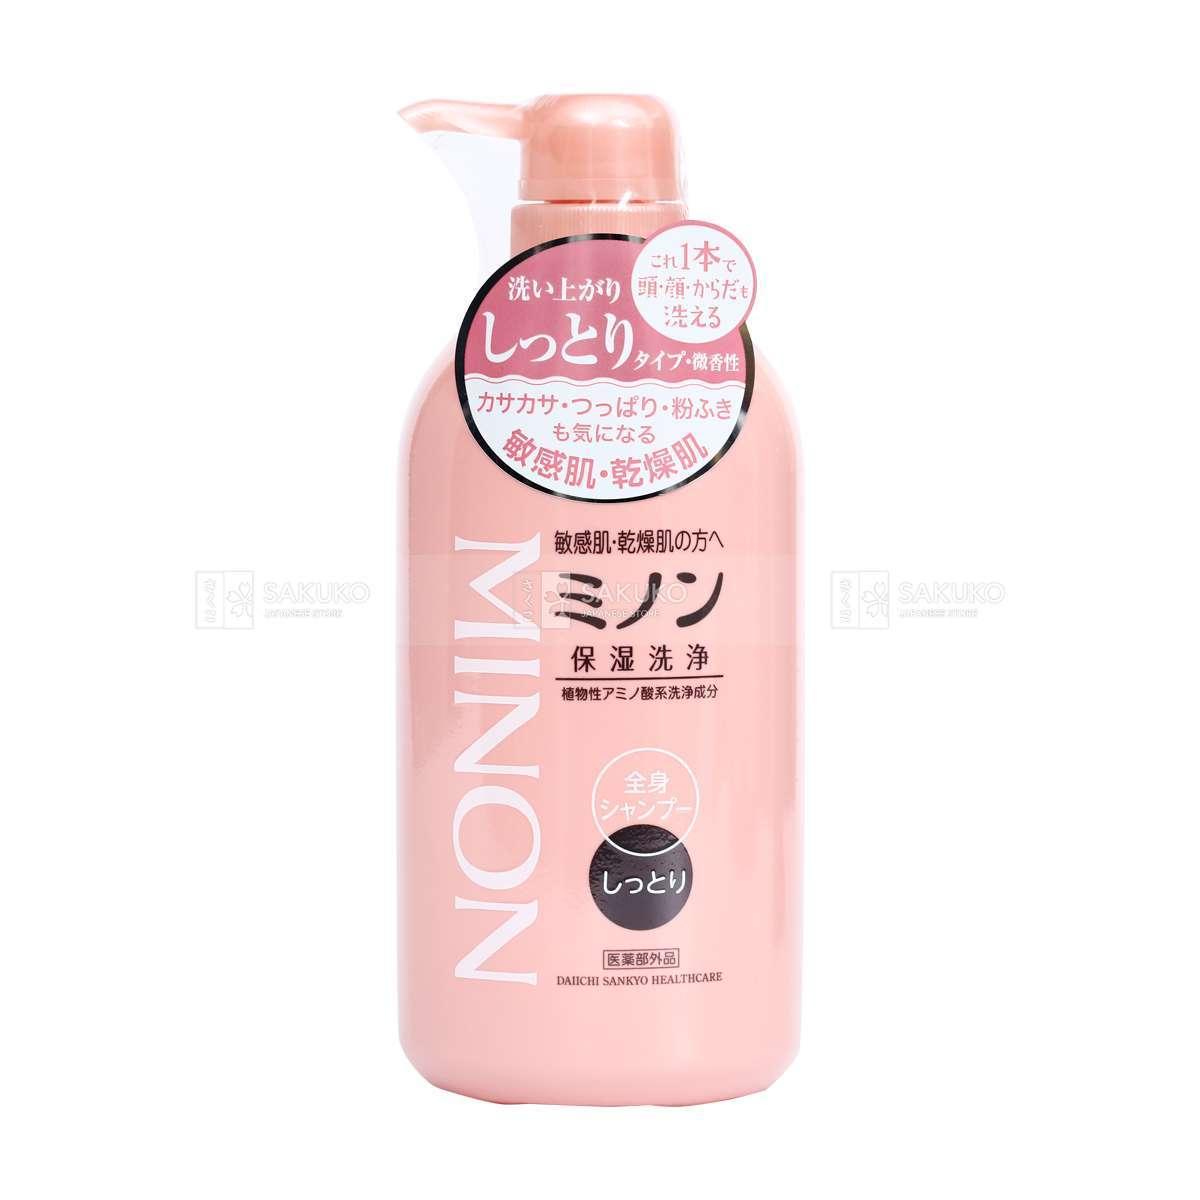 Sữa tắm Nhật cho bé DAIICHI SANKYO